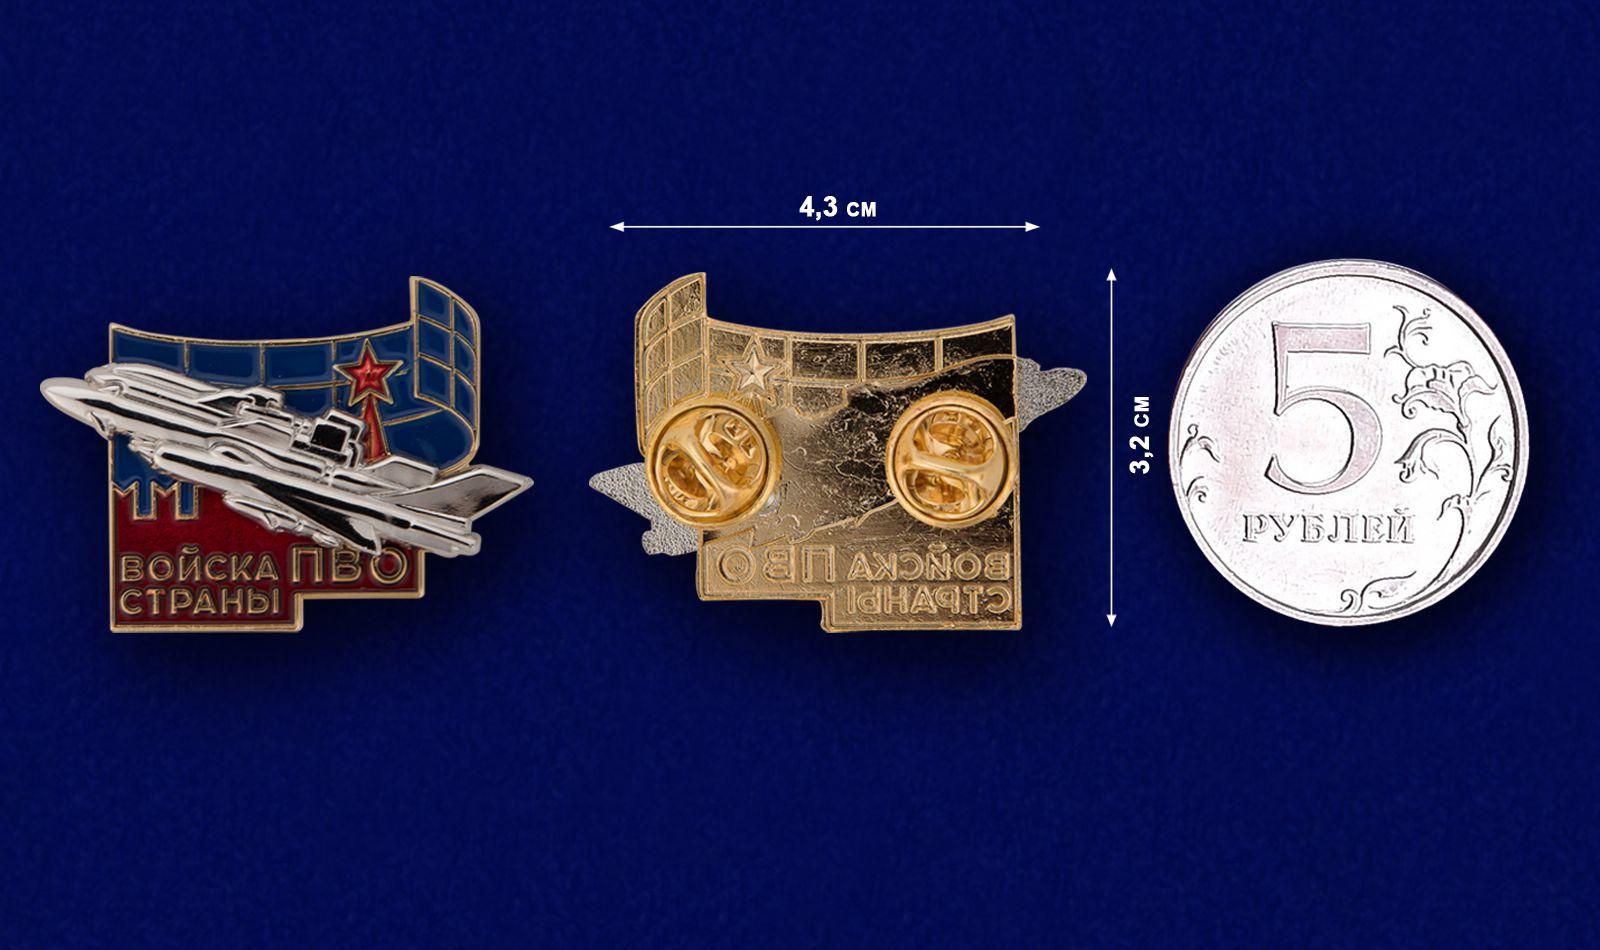 Памятный знак Войска ПВО страны - сравнительный вид